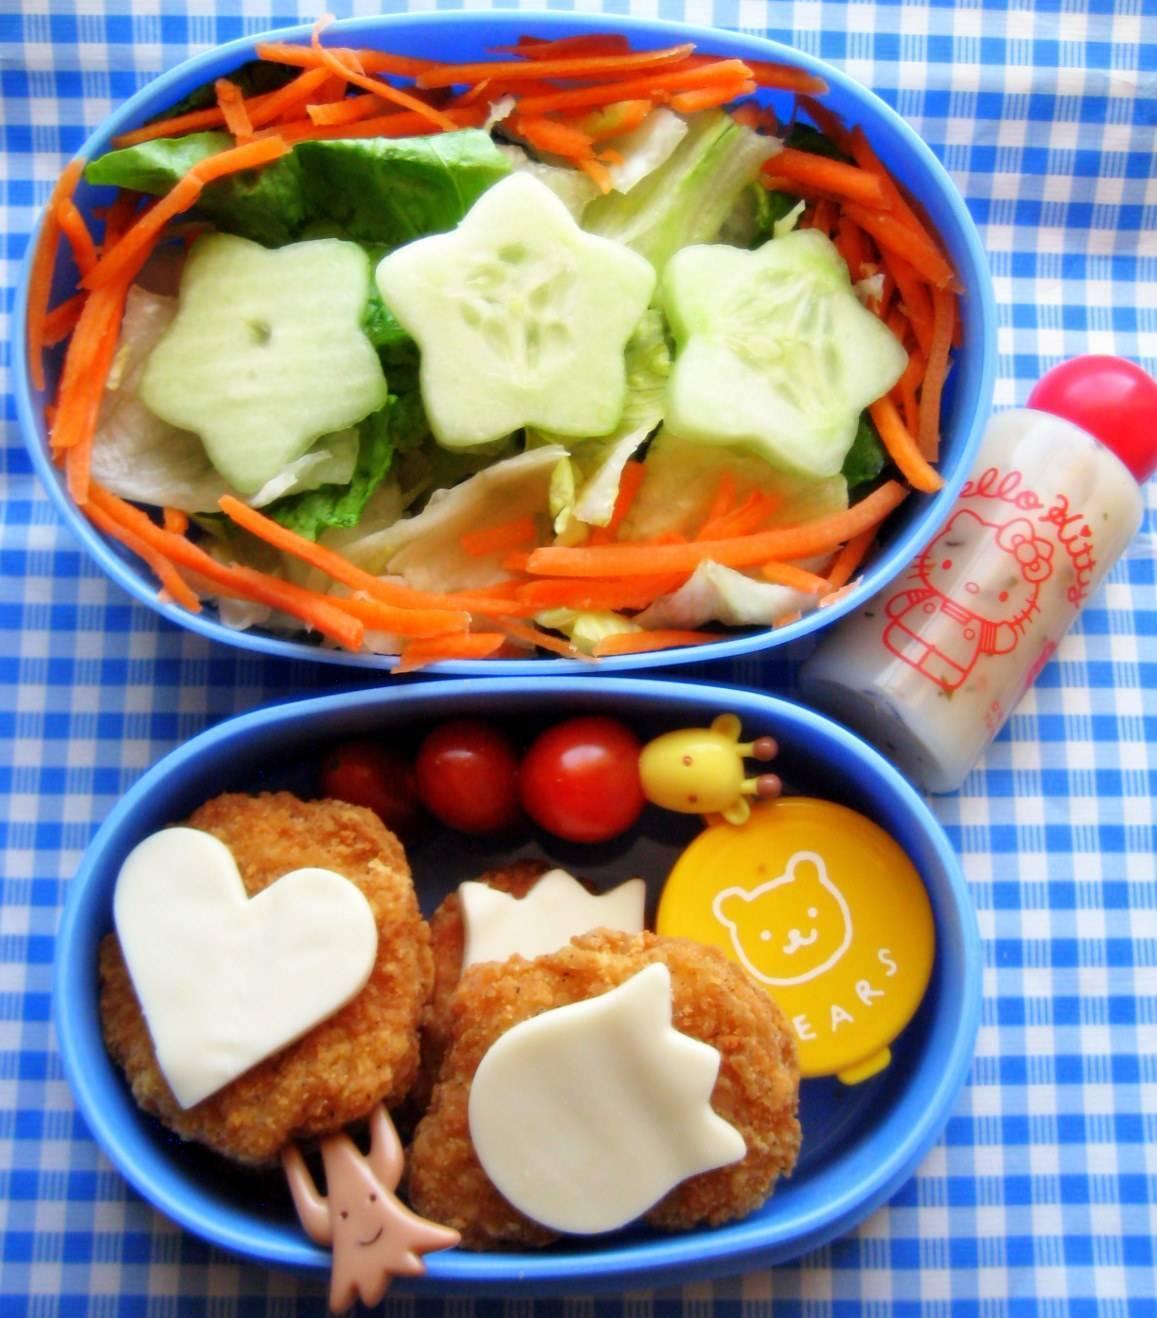 Топ-8 вариантов обедов ребенку в школу по правилам правильного питания :: polismed.com